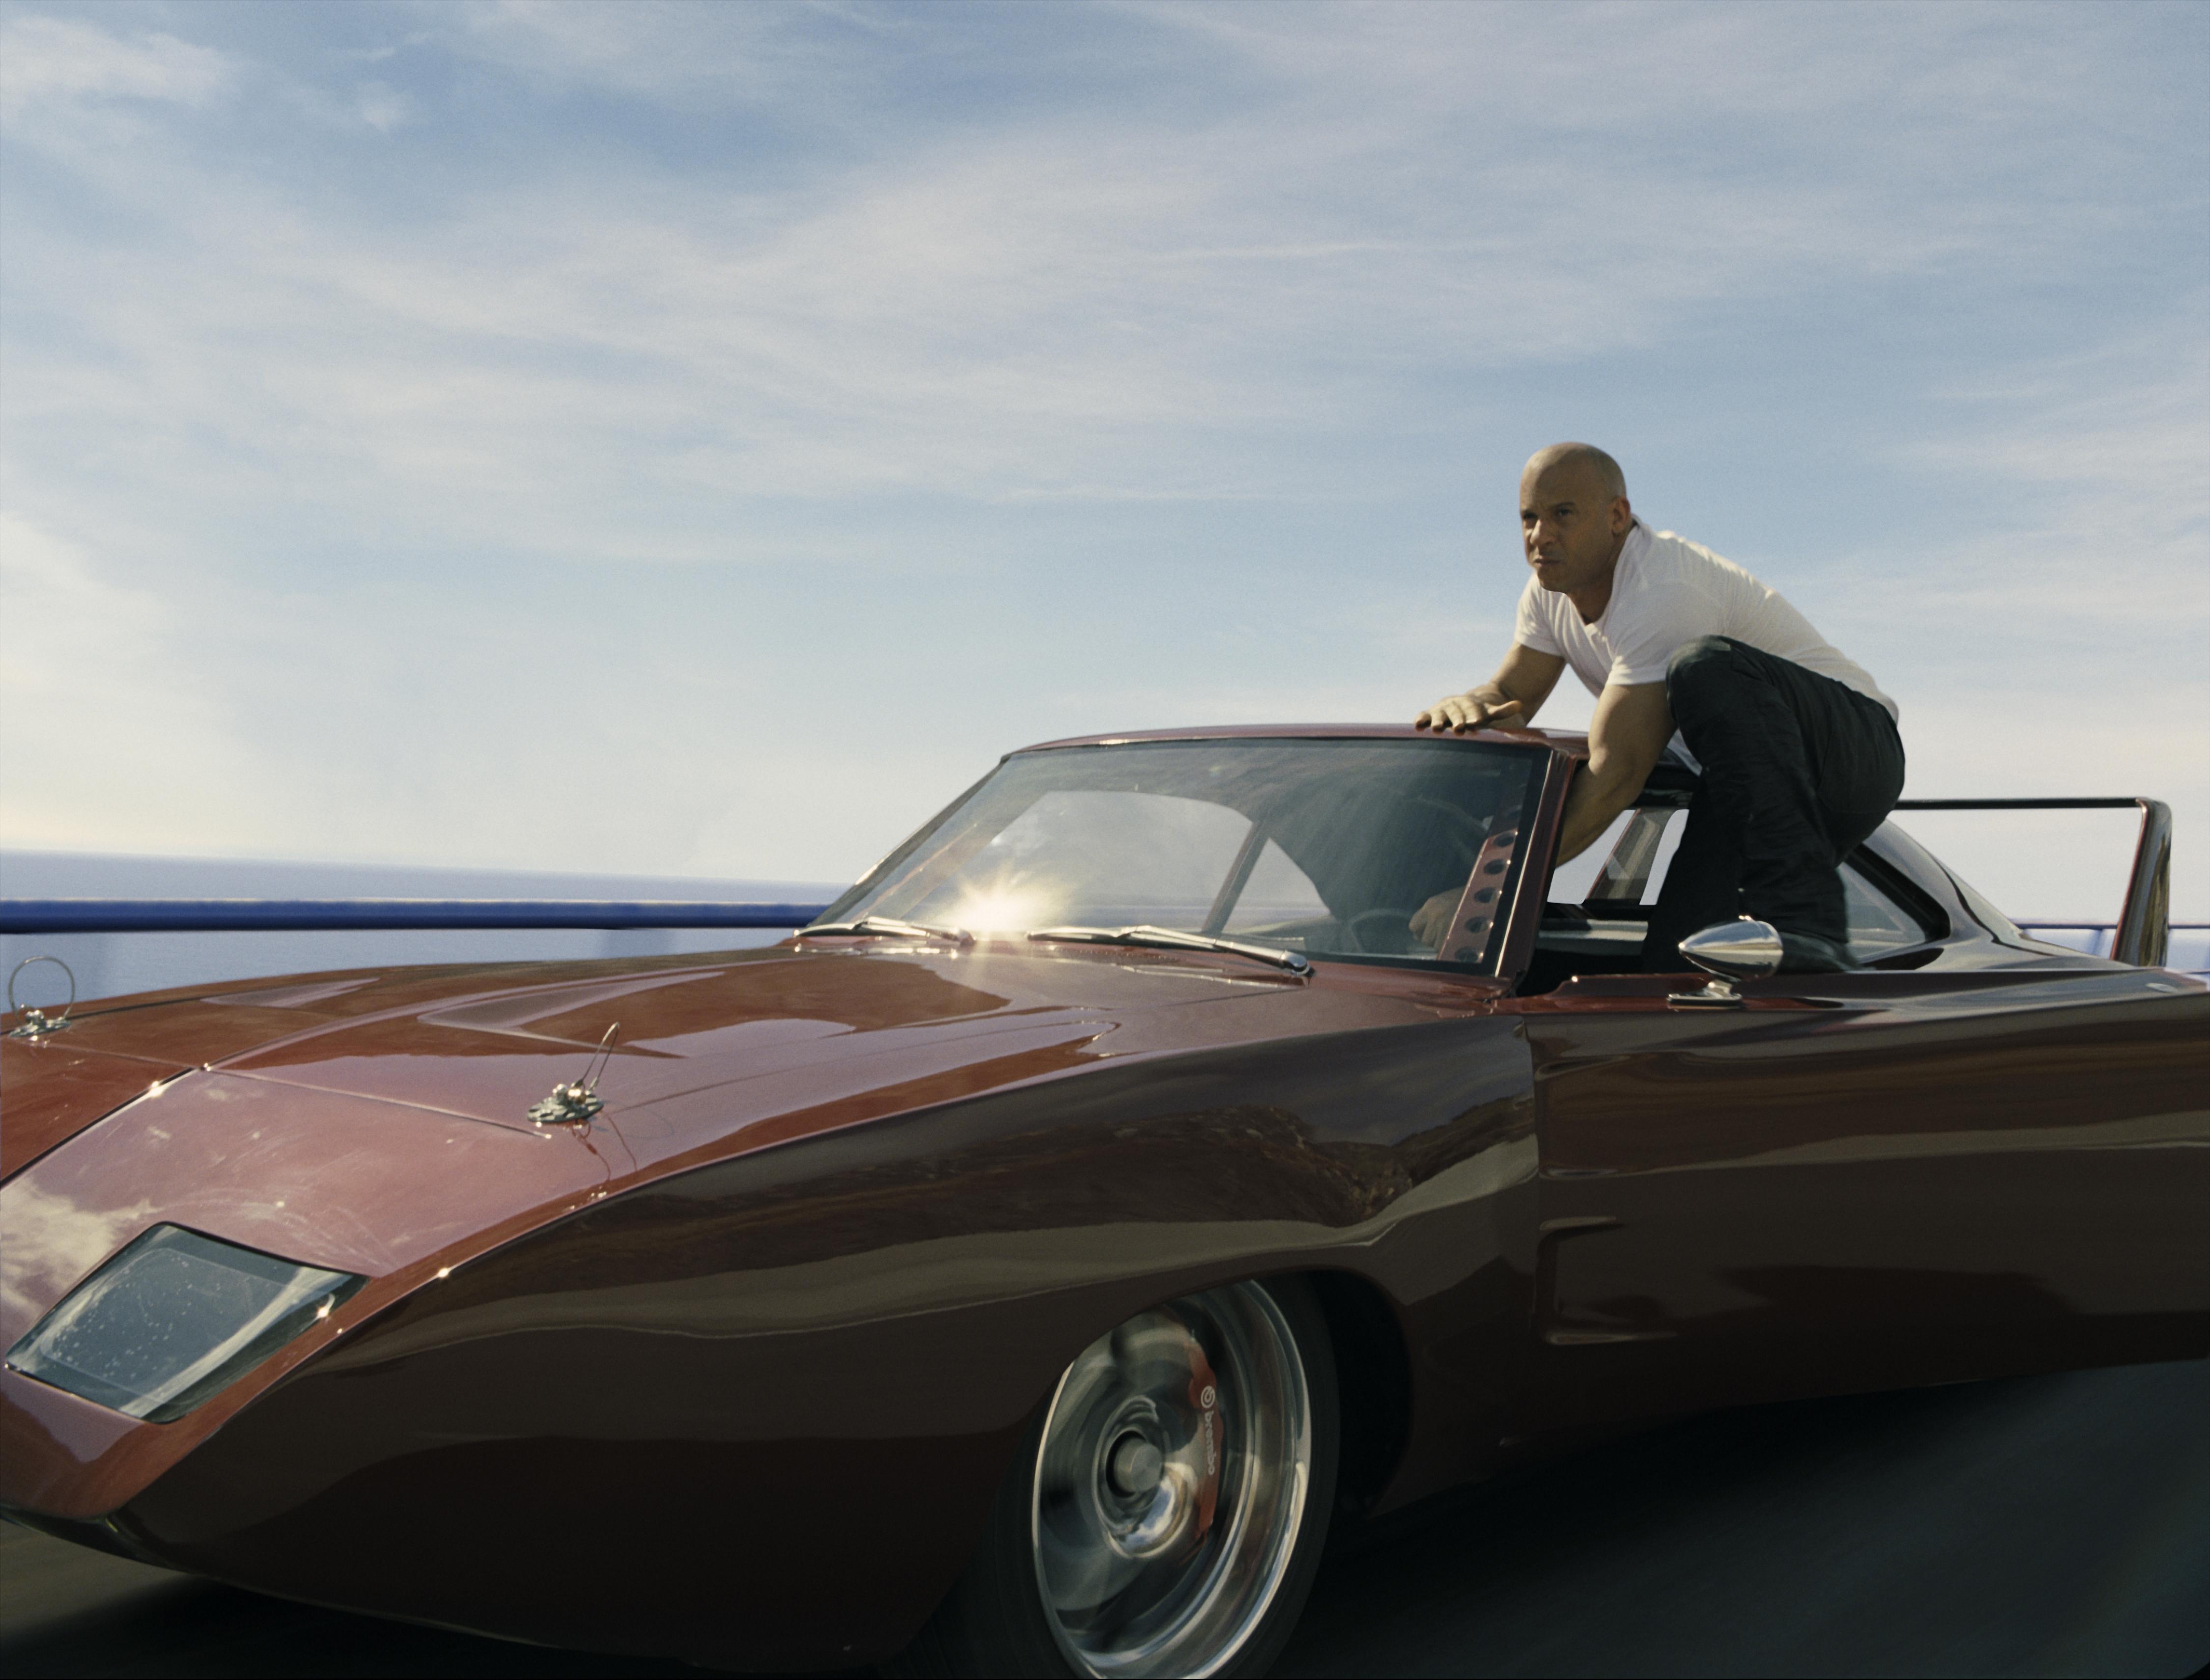 Vin Diesel in Fast and Furious 6 - HeyUGuys